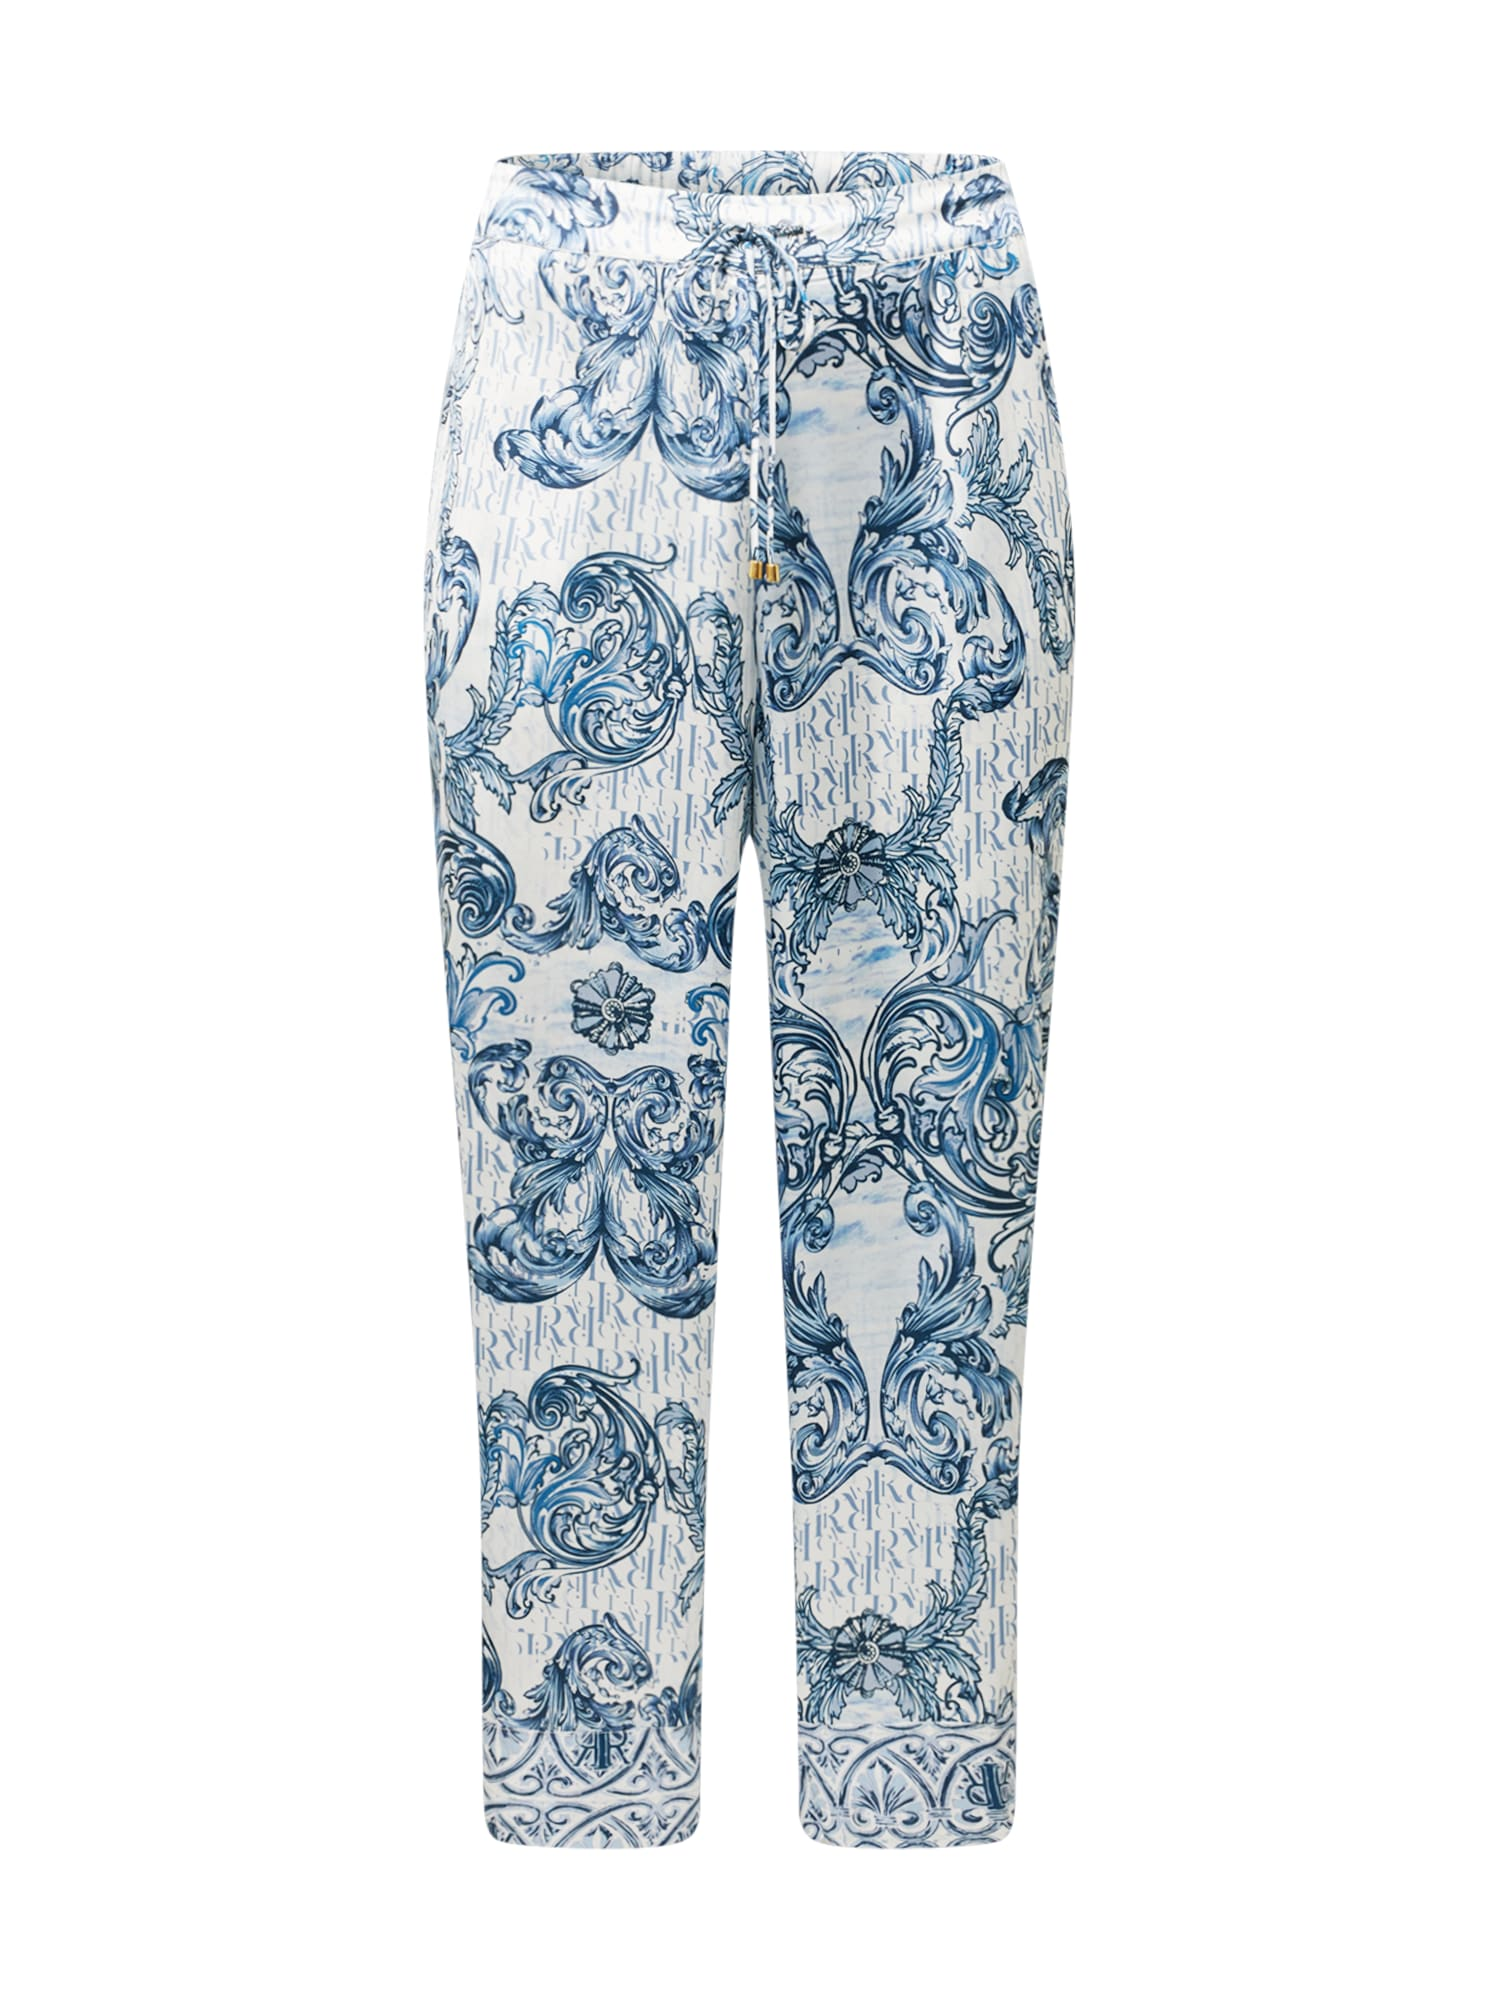 River Island Plus Pižaminės kelnės mėlyna / balta / mėlyna dūmų spalva